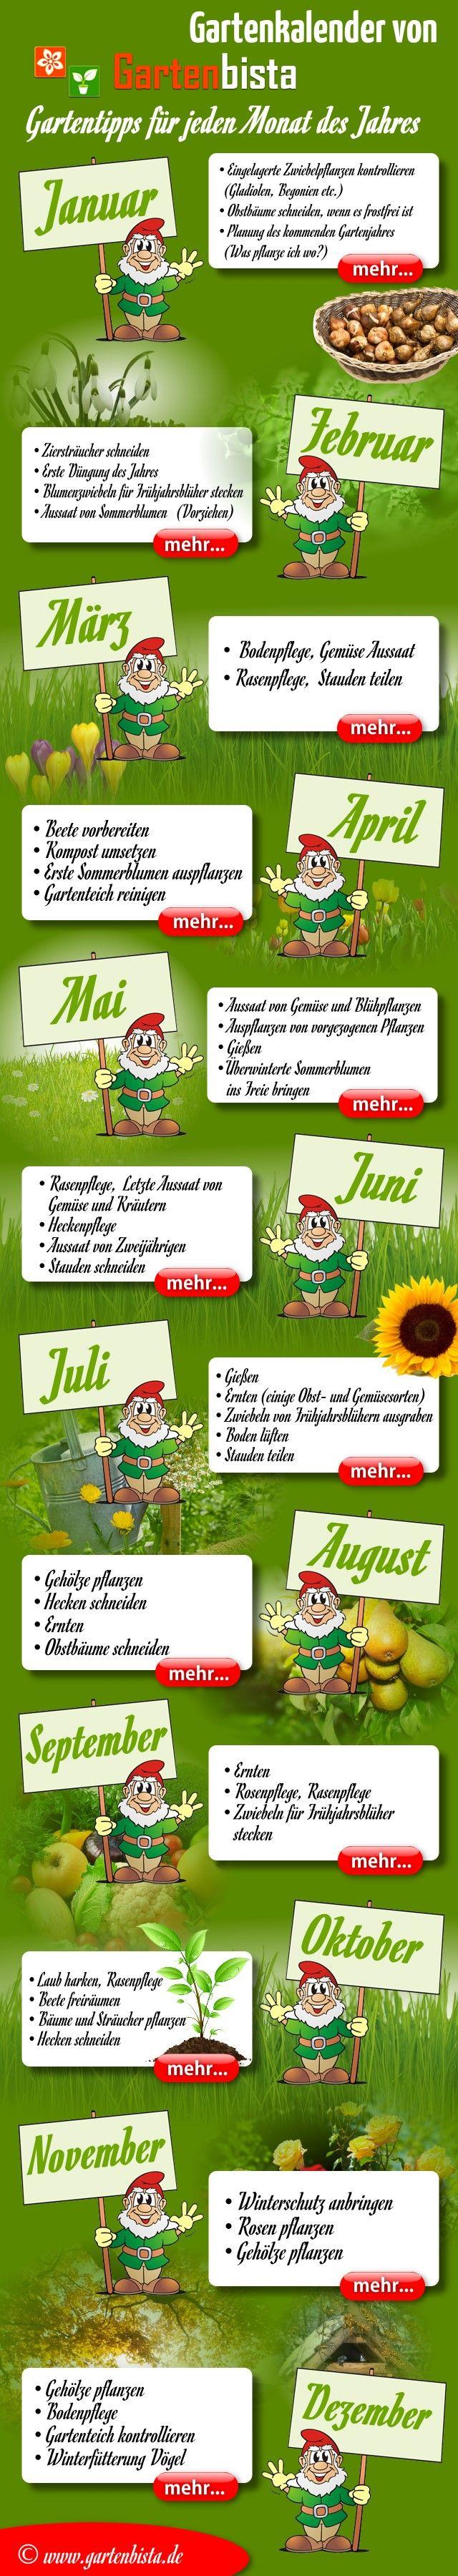 Gartenkalender | Garten, Balkon & Pflanzen | Pinterest | Garten Gemuse Pflanzen Ideen Tipps Garten